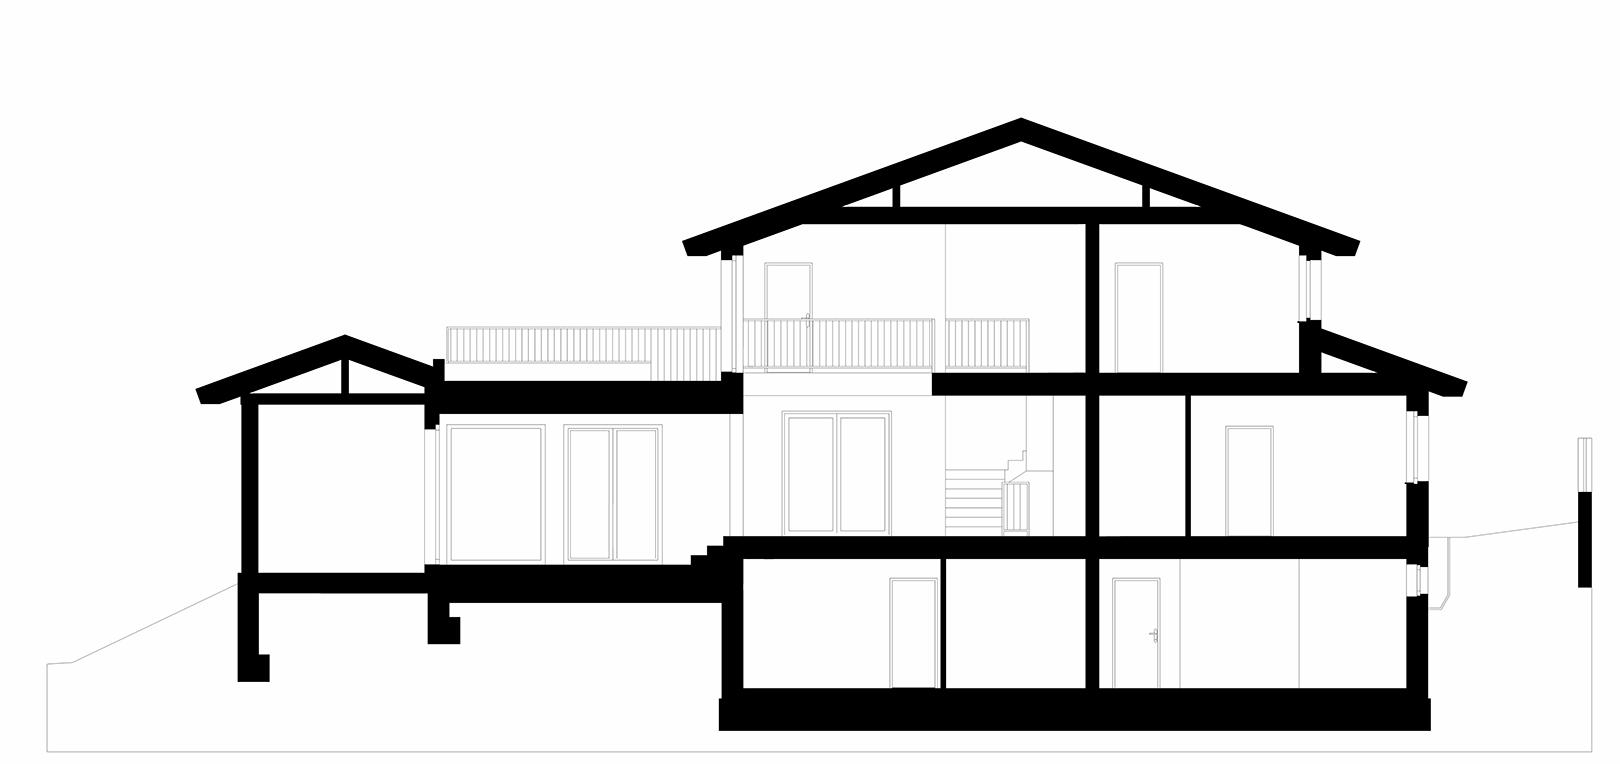 wunschhaus-haus-W39-plan-schnitt